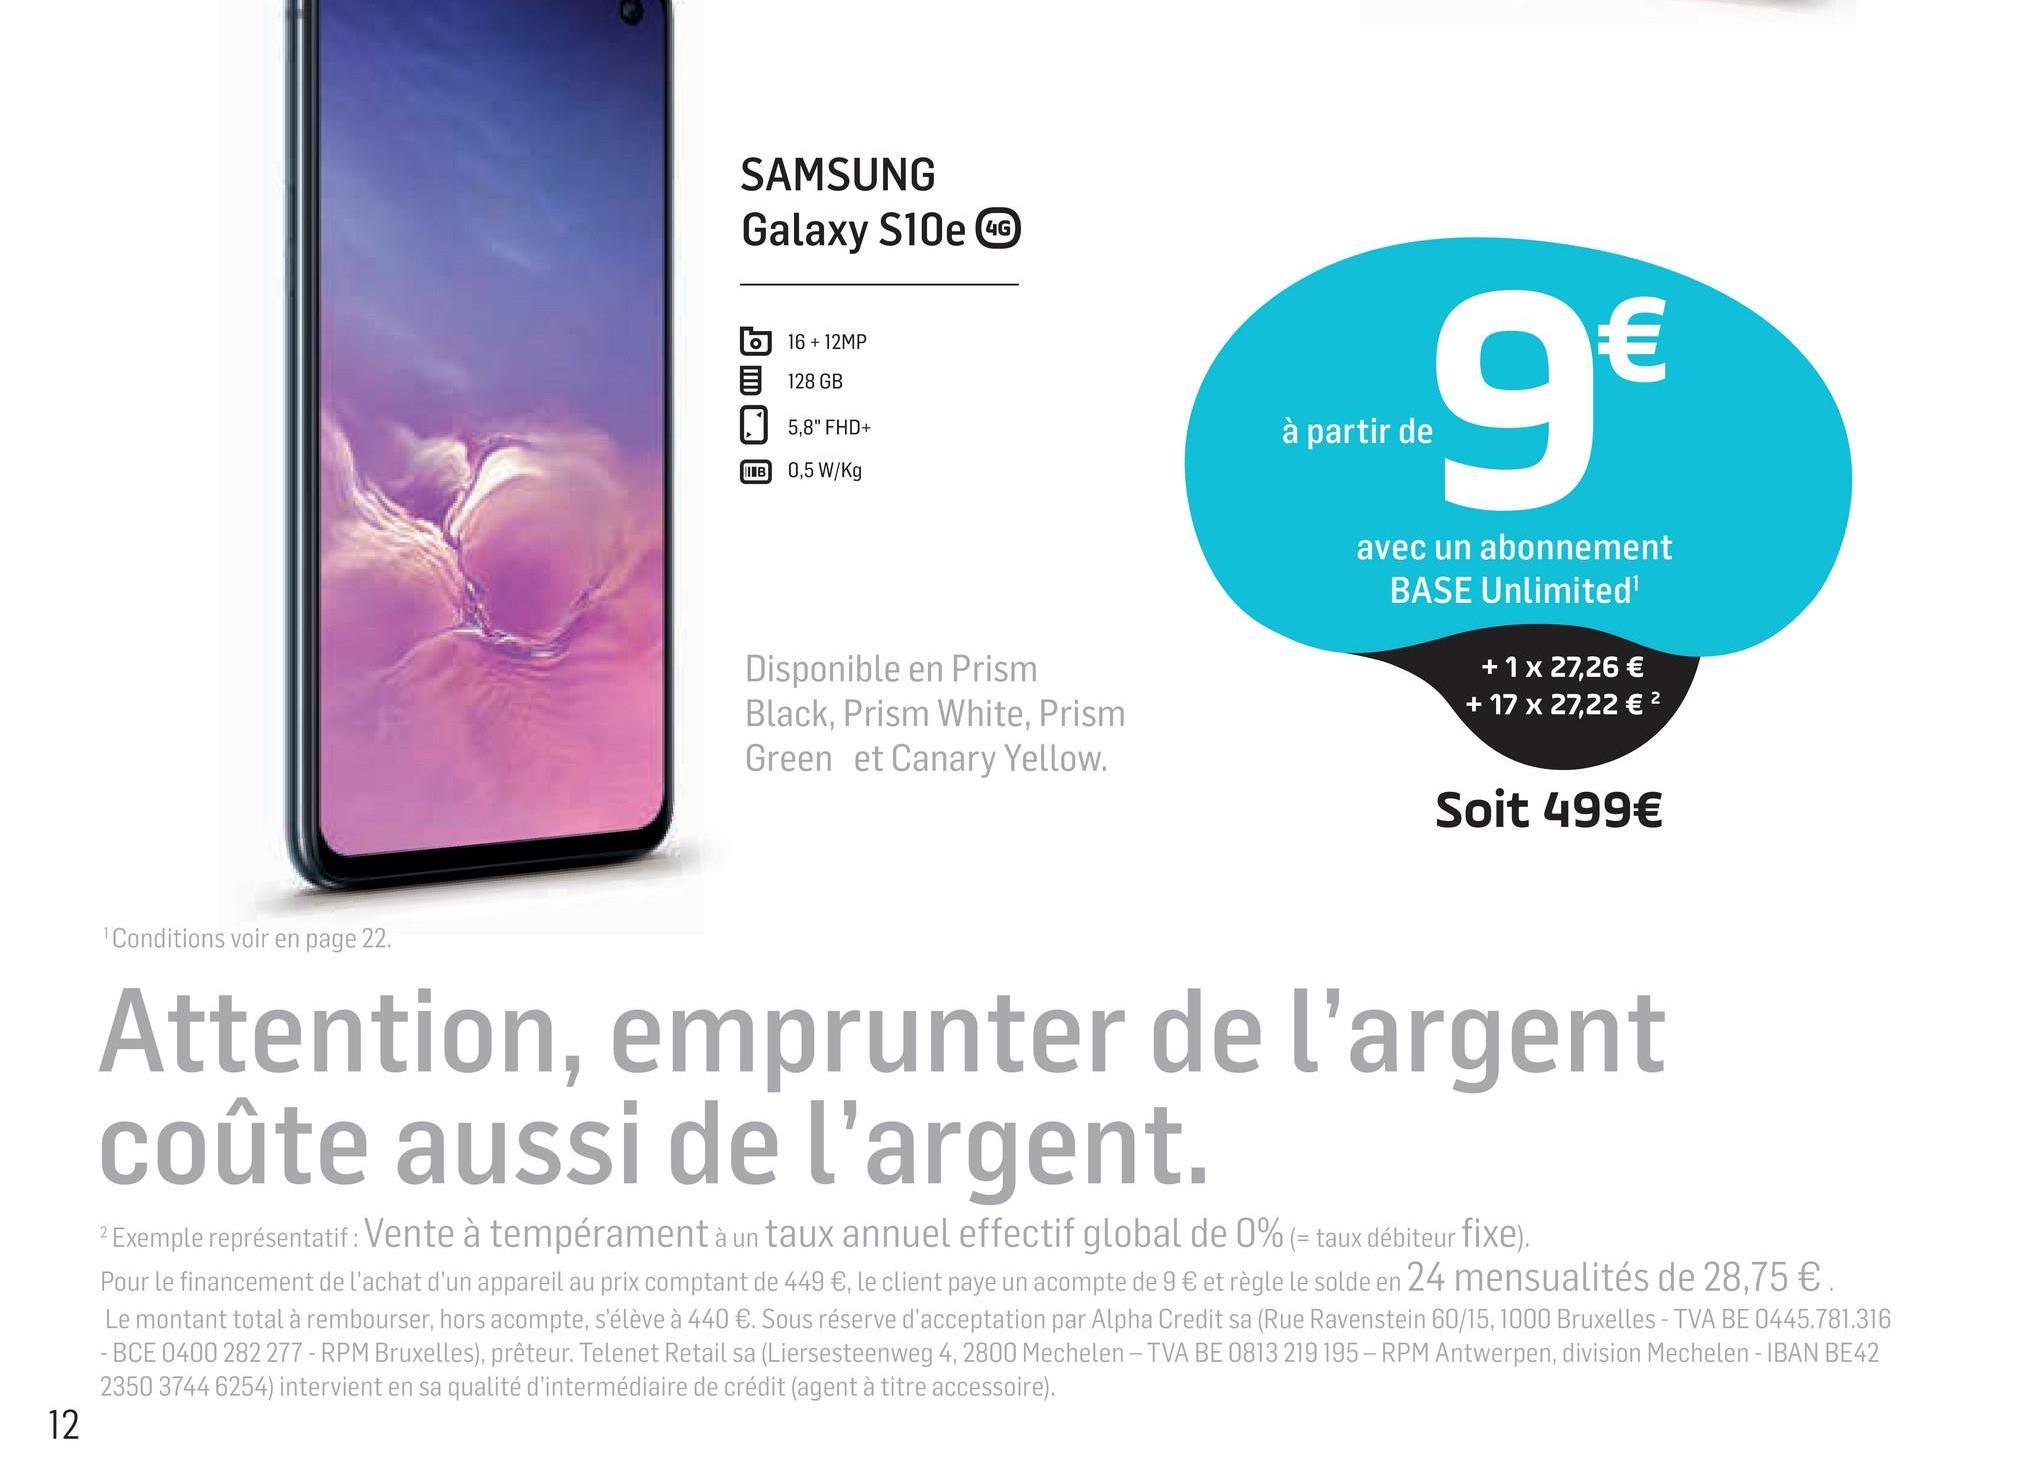 """SAMSUNG Galaxy S10e CC 6 16+12MP 128 GB 5,8"""" FHD+ IB 0,5 W/Kg à partir de à partir de avec un abonnement BASE Unlimited Disponible en Prism Black, Prism White, Prism Green et Canary Yellow. + 1x 27,26 € + 17 x 27,22 € 2 Soit 499€ Conditions voir en page 22. Attention, emprunter de l'argent coûte aussi de l'argent. 2 Exemple représentatif : Vente à tempérament à un taux annuel effectif global de 0% (= taux débiteur fixe). Pour le financement de l'achat d'un appareil au prix comptant de 449 €, le client paye un acompte de 9 € et règle le solde en 24 mensualités de 28,75 € Le montant total à rembourser, hors acompte, s'élève à 440 €. Sous réserve d'acceptation par Alpha Credit sa (Rue Ravenstein 60/15, 1000 Bruxelles - TVA BE 0445.781.316 -BCE 0400 282 277 - RPM Bruxelles), prêteur. Telenet Retail sa (Liersesteenweg 4, 2800 Mechelen - TVA BE 0813 219 195 - RPM Antwerpen, division Mechelen - IBAN BE42 2350 3744 6254) intervient en sa qualité d'intermédiaire de crédit (agent à titre accessoire)."""